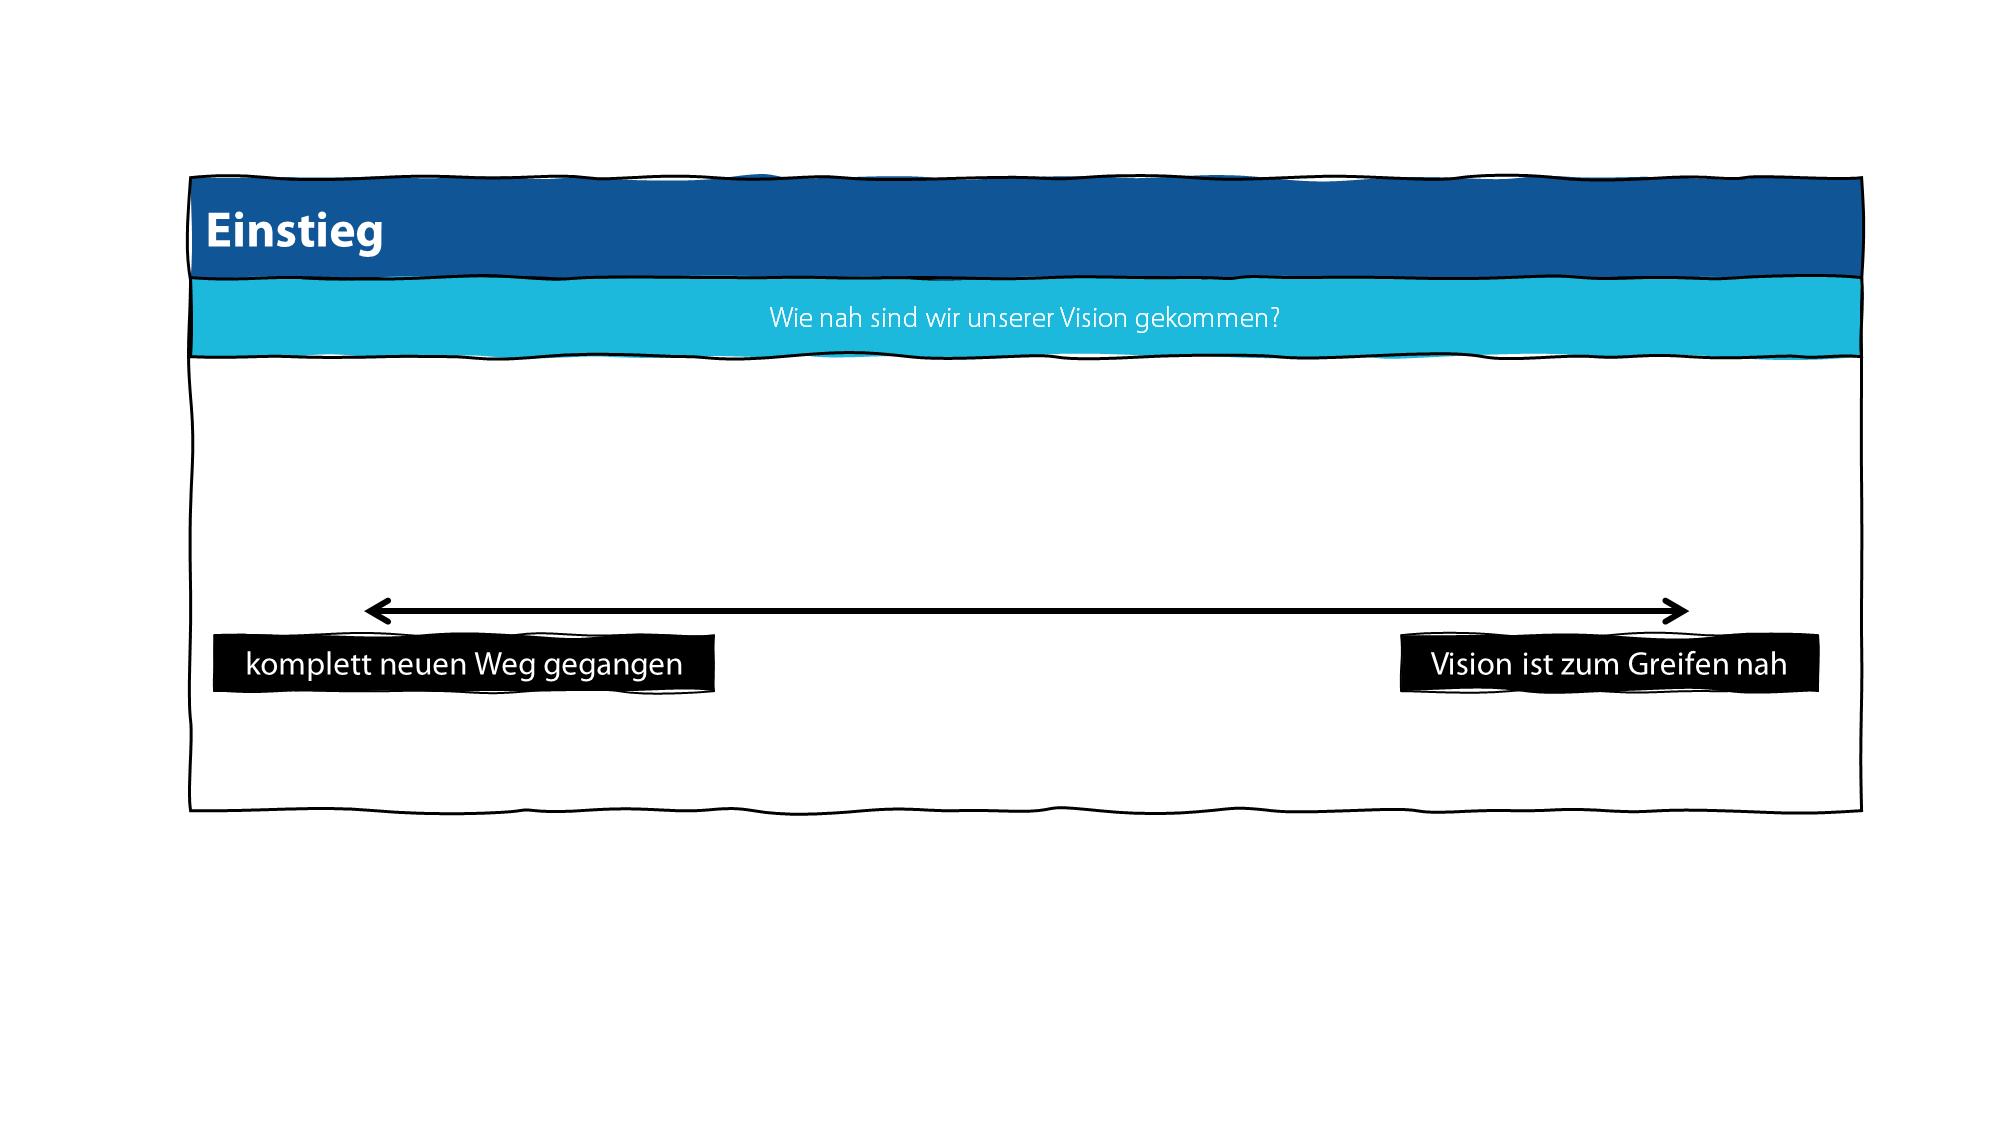 """Schritt 1: Zum Einstieg des Projektabschlussmeetings verwenden LoDiLe eine einfache Punktabfrage. Zum Beispiel: """"Wie nah sind wir unserer Vision gekommen?"""""""